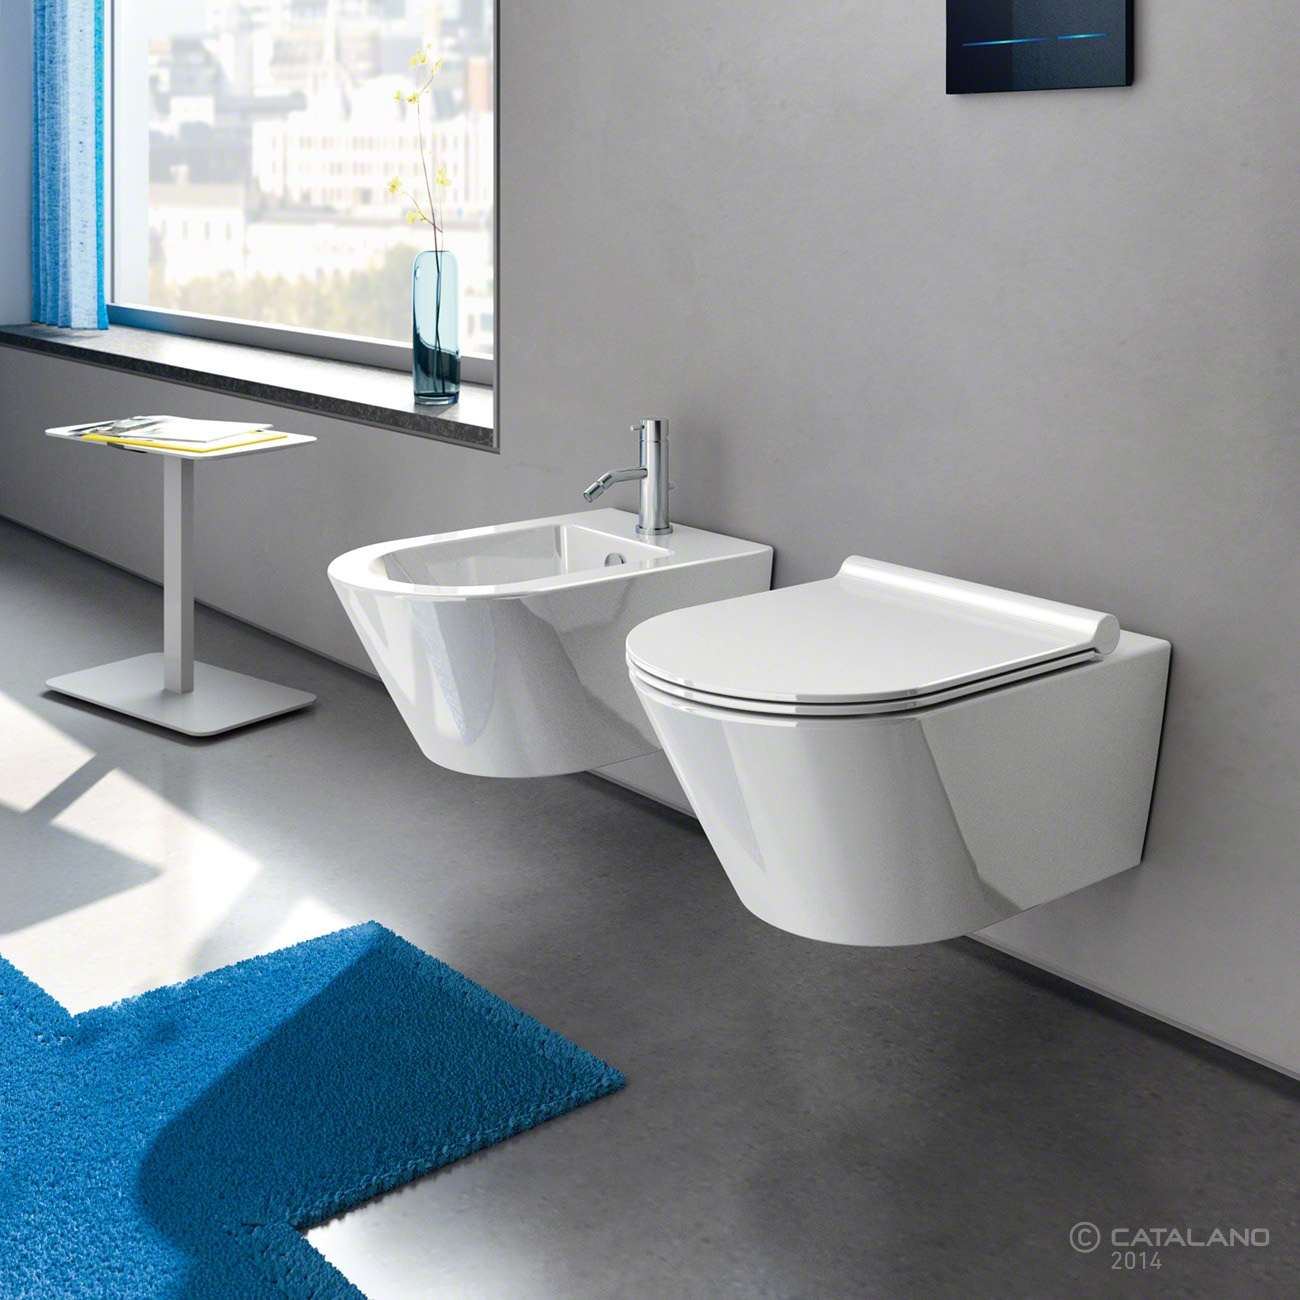 catalano sanitarios, baños reformados, sanitarios tres cantos, inodoro suspendido, diseño italiano, reformas baños (1)